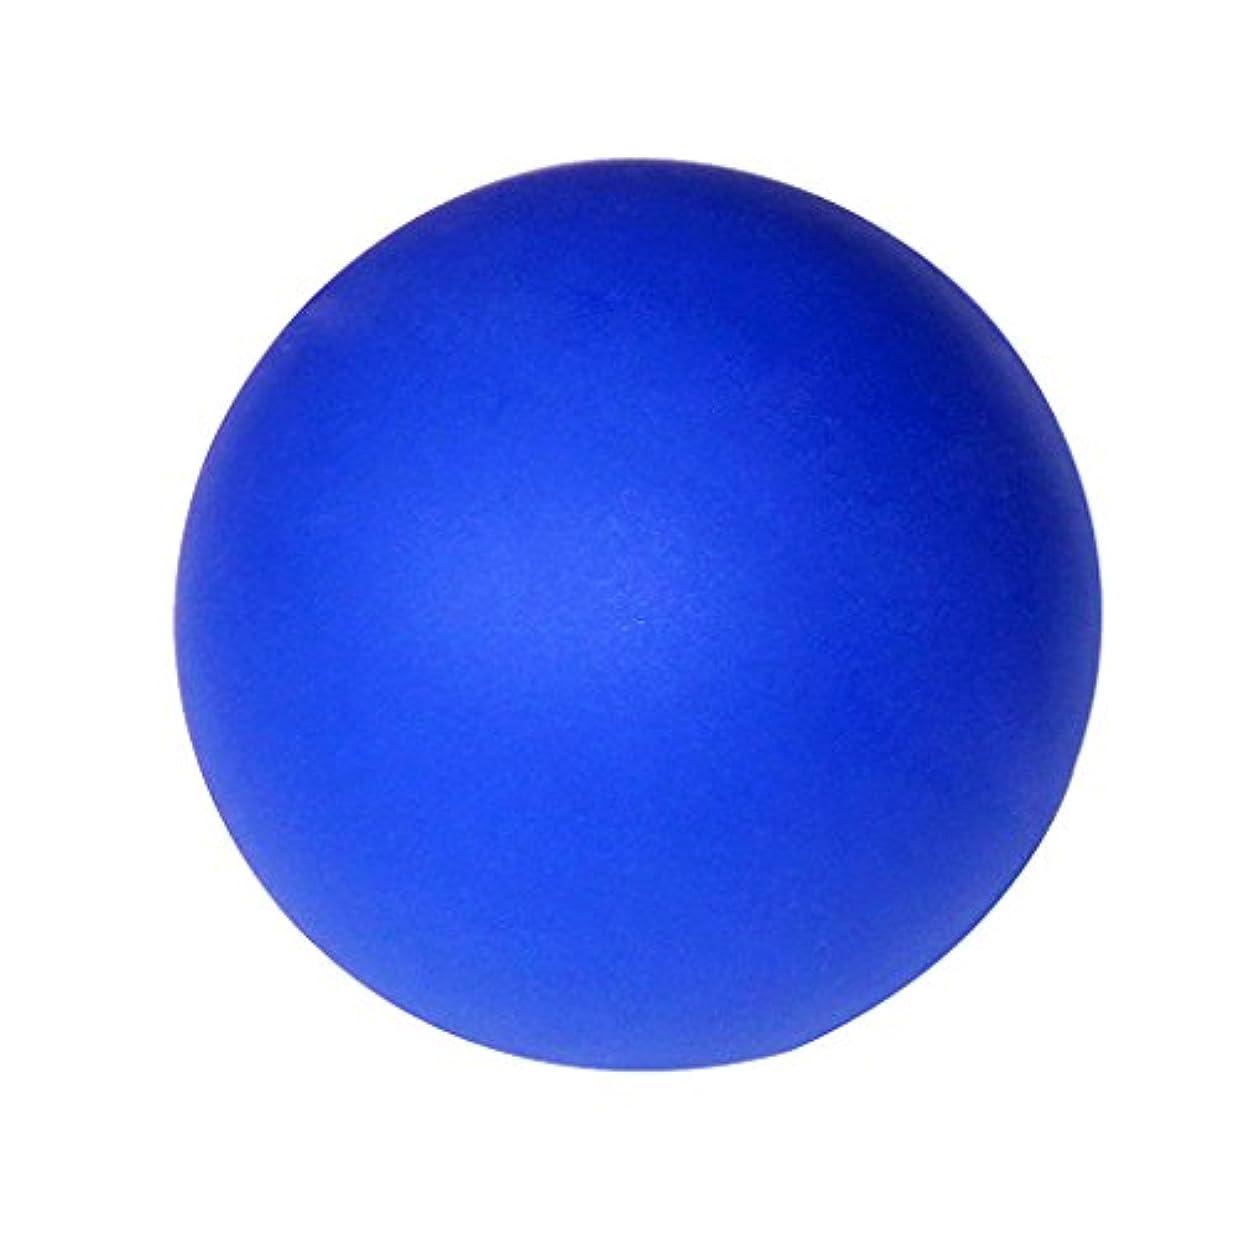 クリームどれ細部CUTICATE マッサージボール ラクロスマッサージボール 足 腕 首 足首 背中 ジム ホーム 運動療法